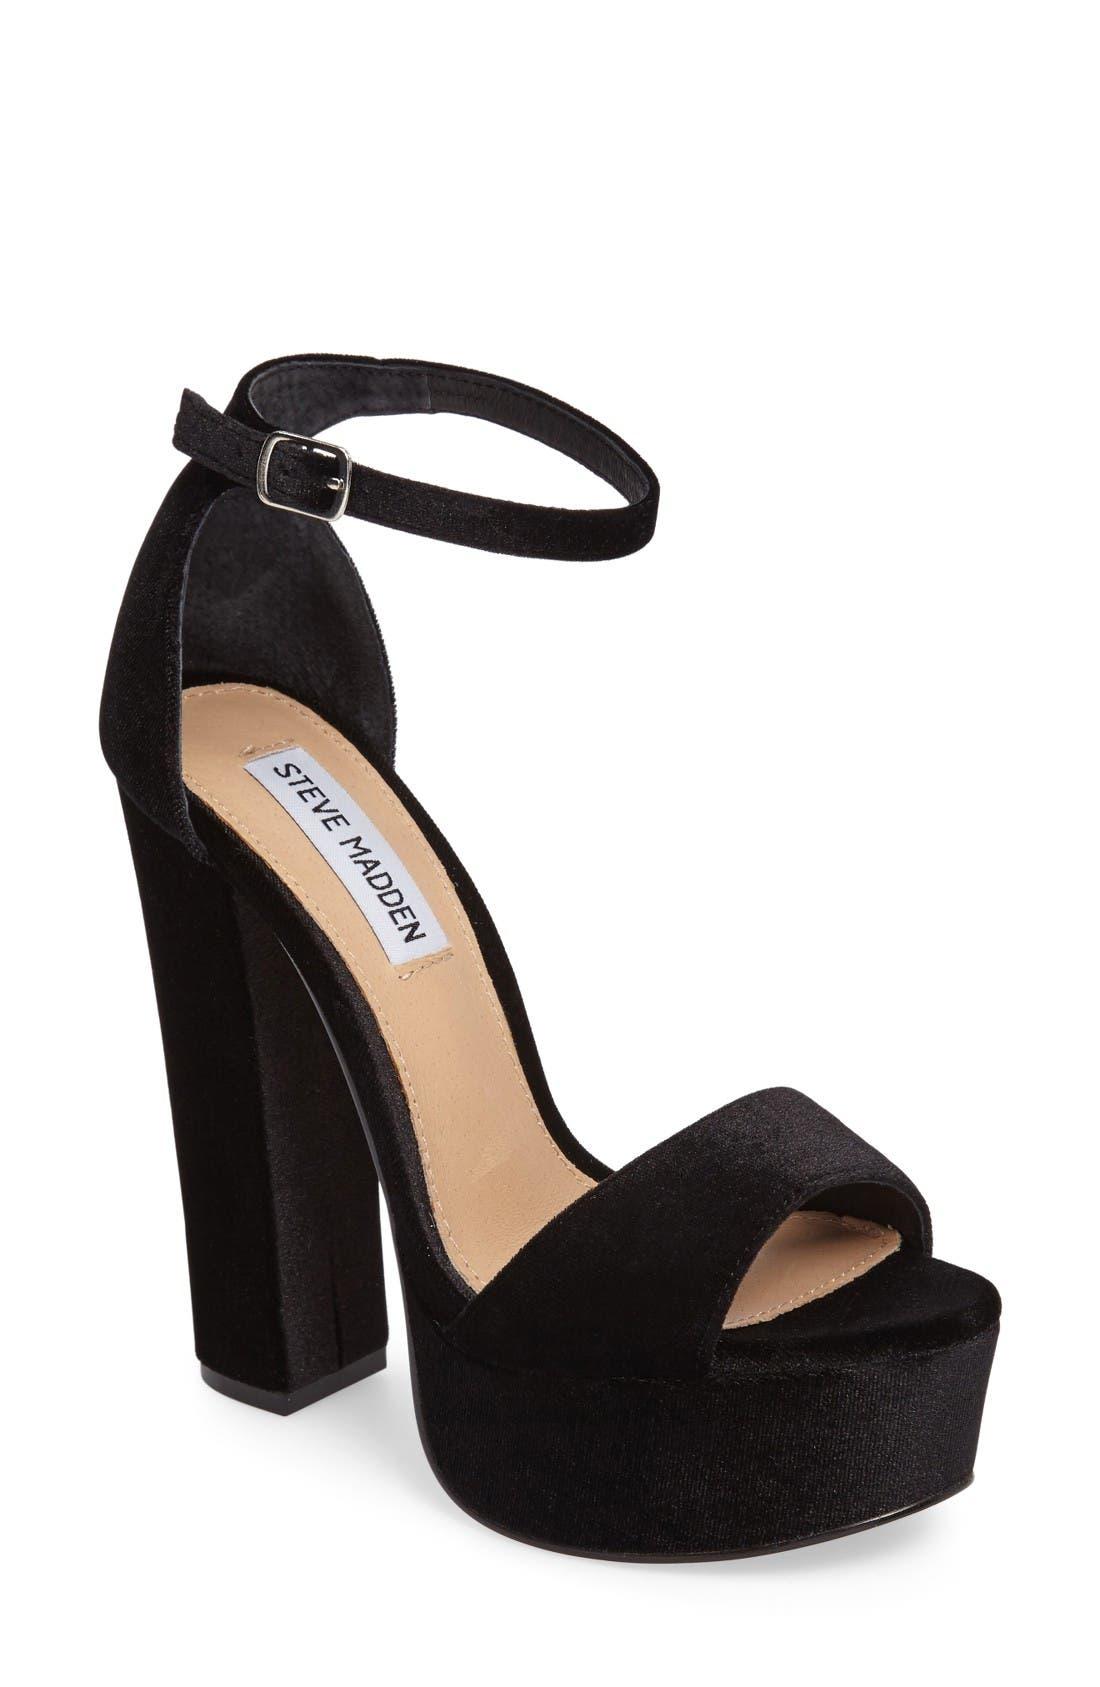 Alternate Image 1 Selected - Steve Madden Gonzo Platform Sandal (Women)